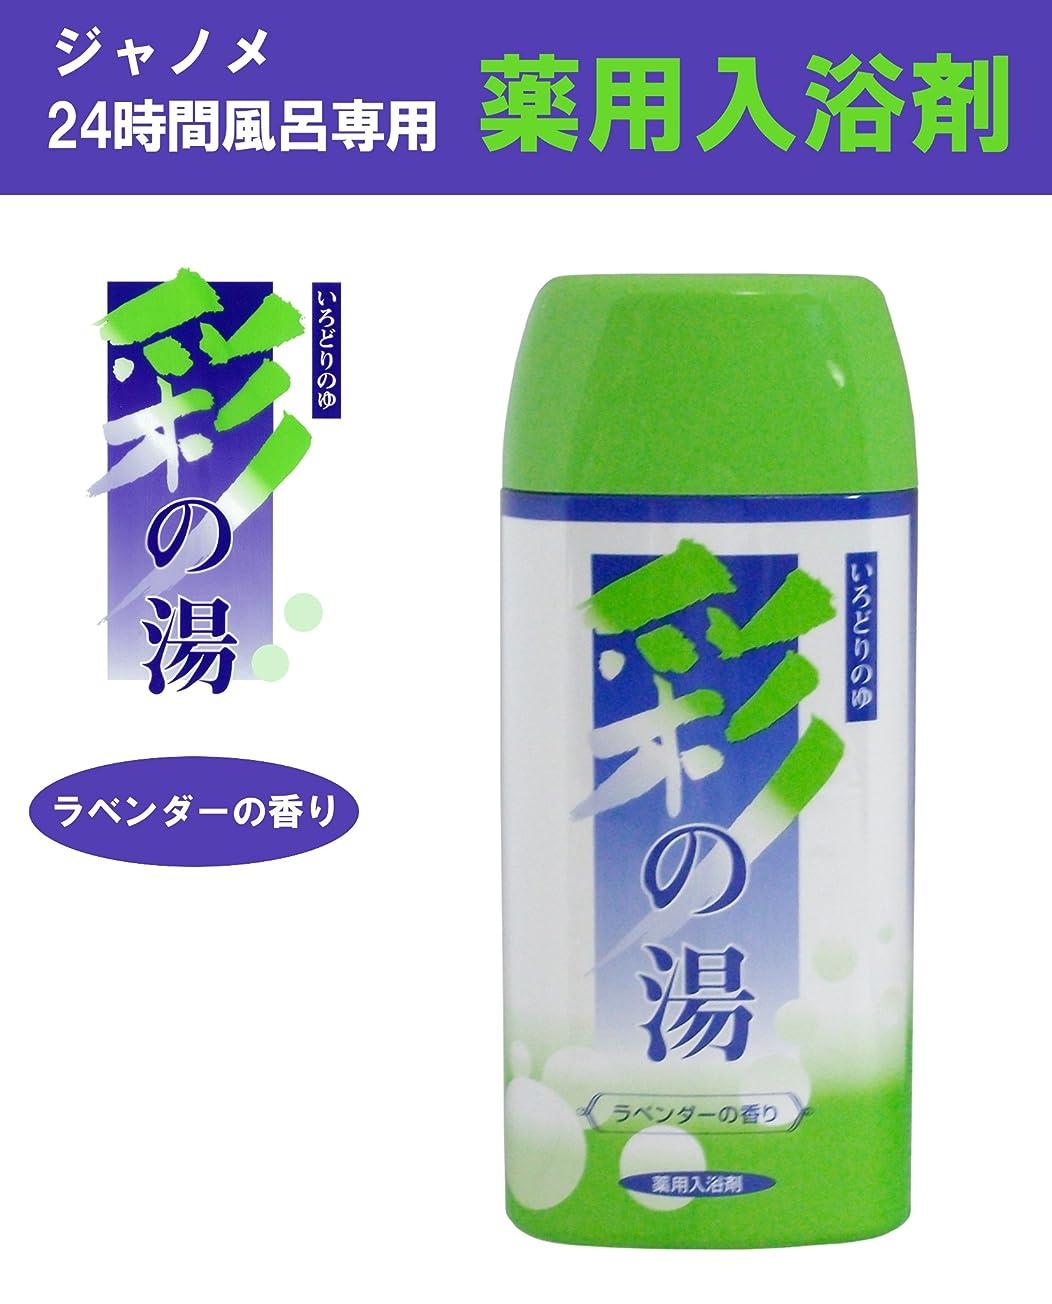 前方へメロドラマティックキウイジャノメ 彩の湯 (24時間風呂専用 薬用入浴剤 ラベンダーの香り )